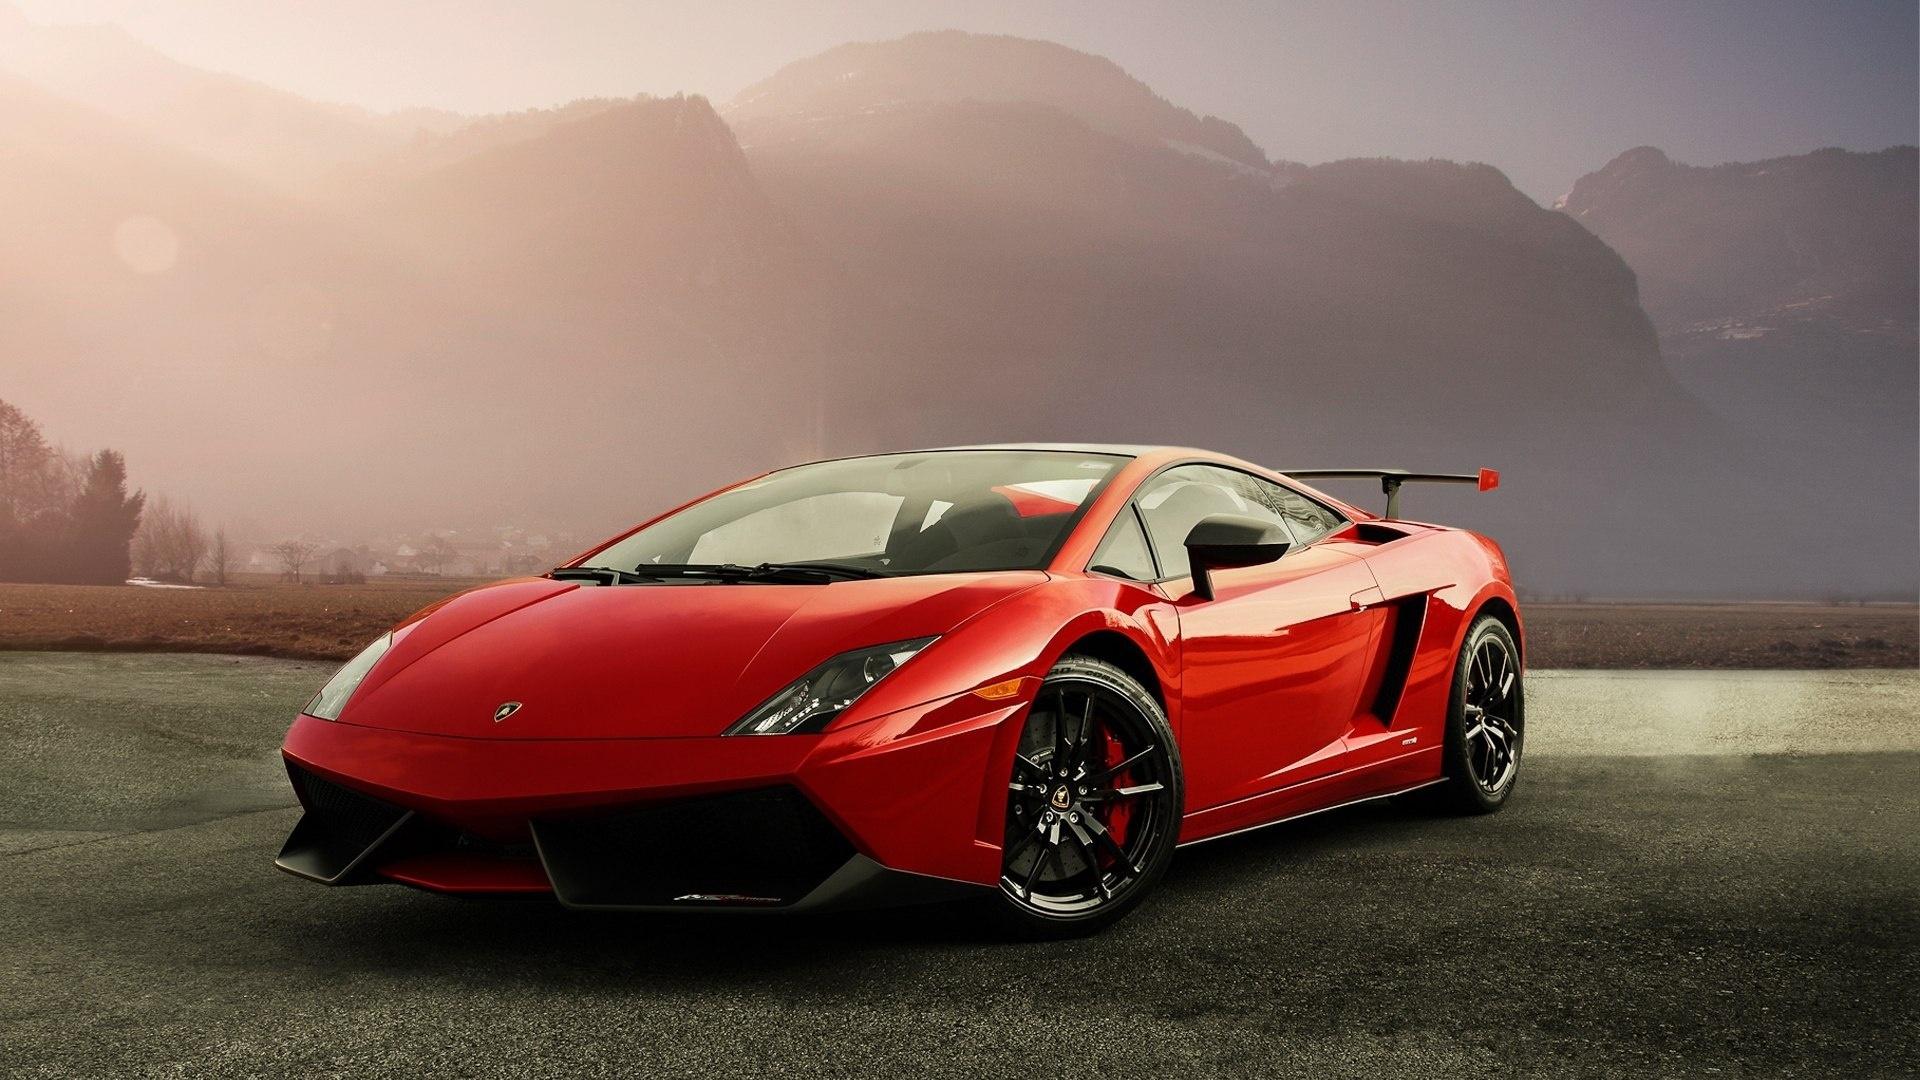 Lamborghini Gallardo Cars Car